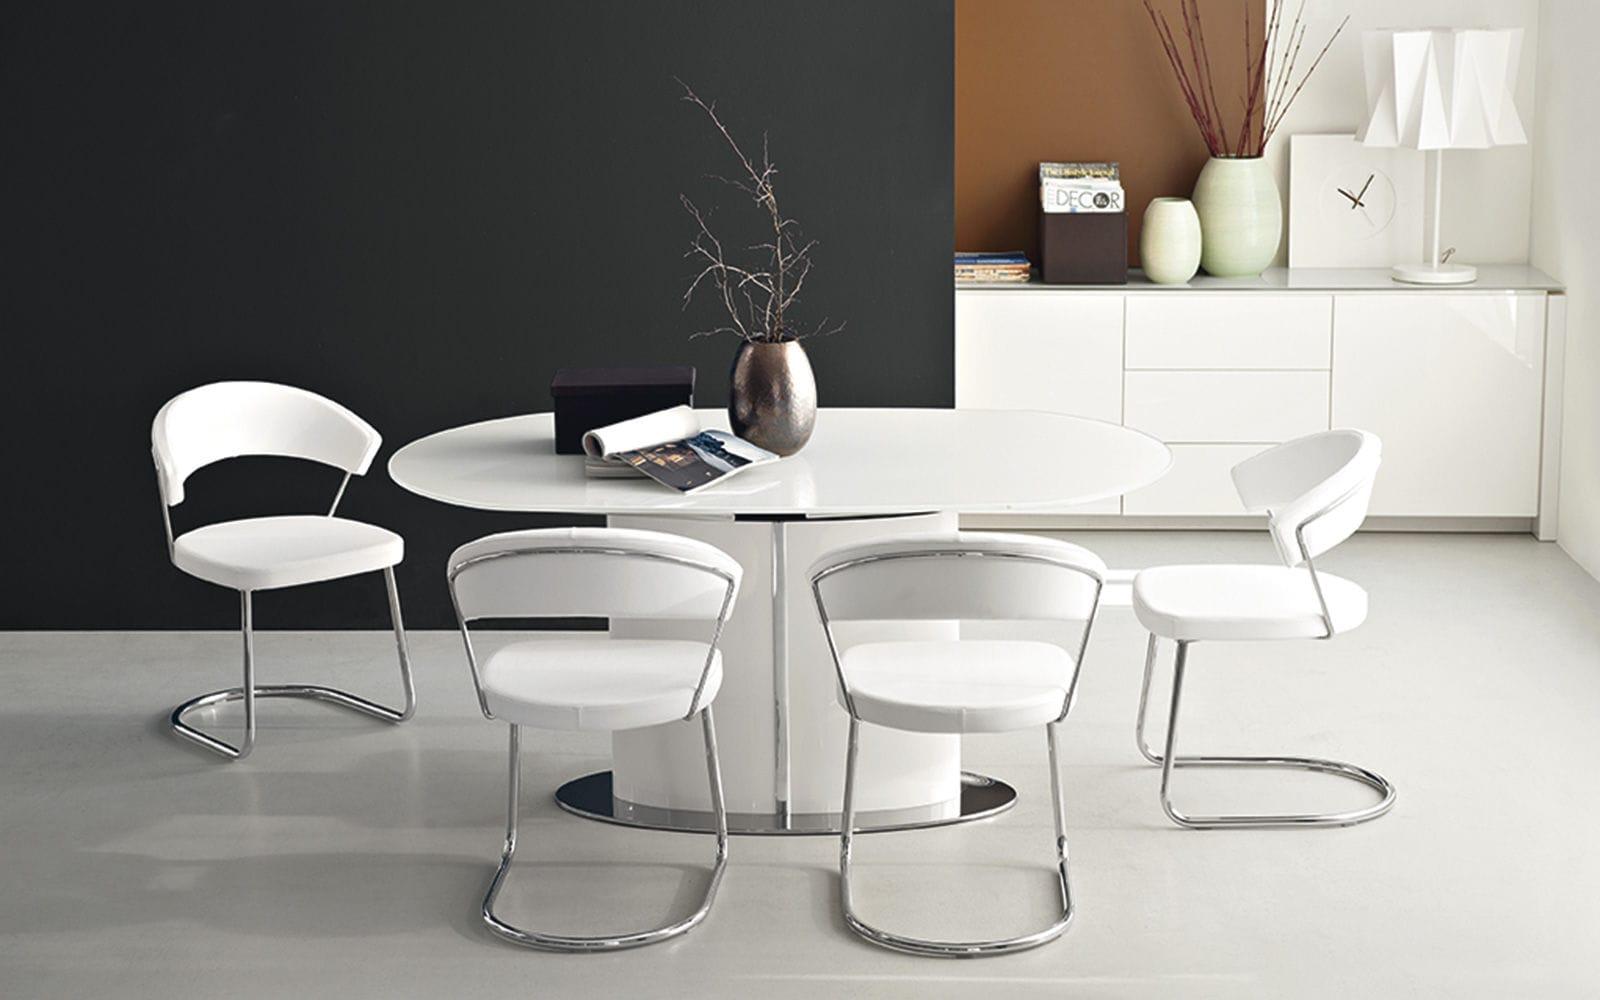 Tavolo Ovale Calligaris : Tavolo da pranzo moderno in vetro temprato ovale allungabile